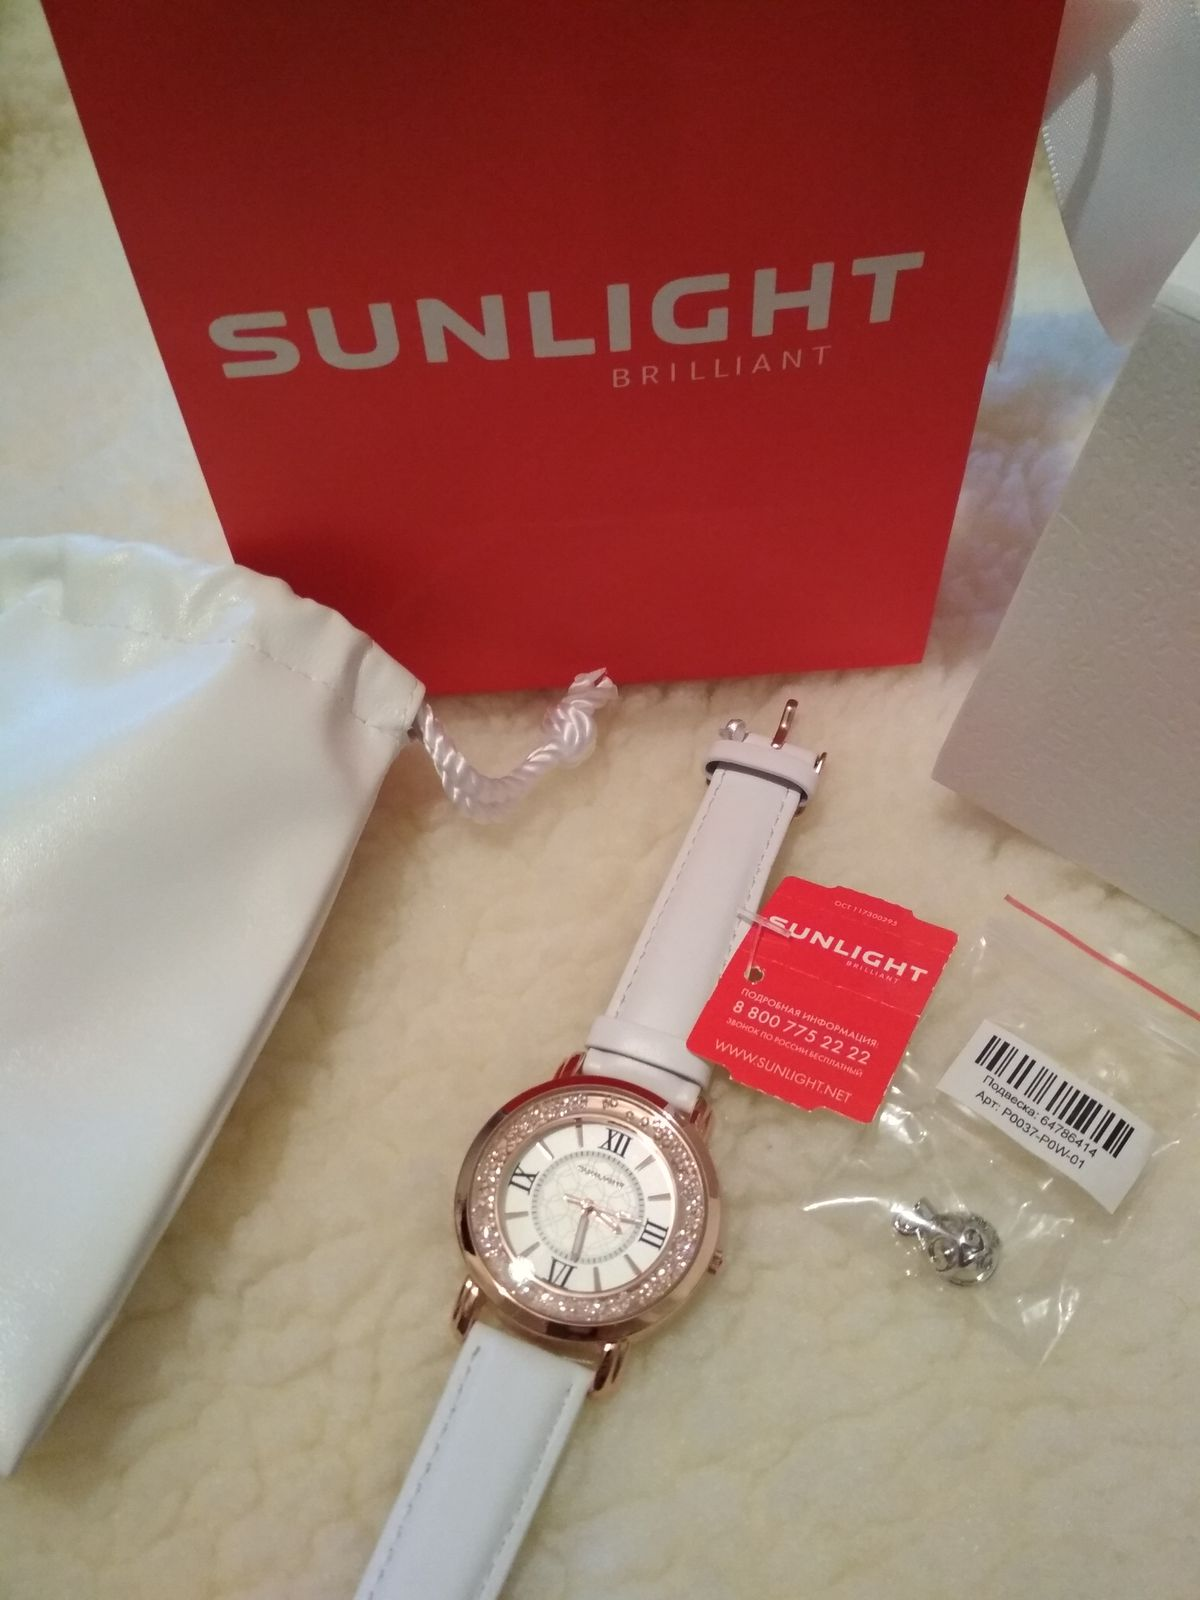 Супер Час которые долго искала!Спасибо моему любимому магазину Sunlight!!!!